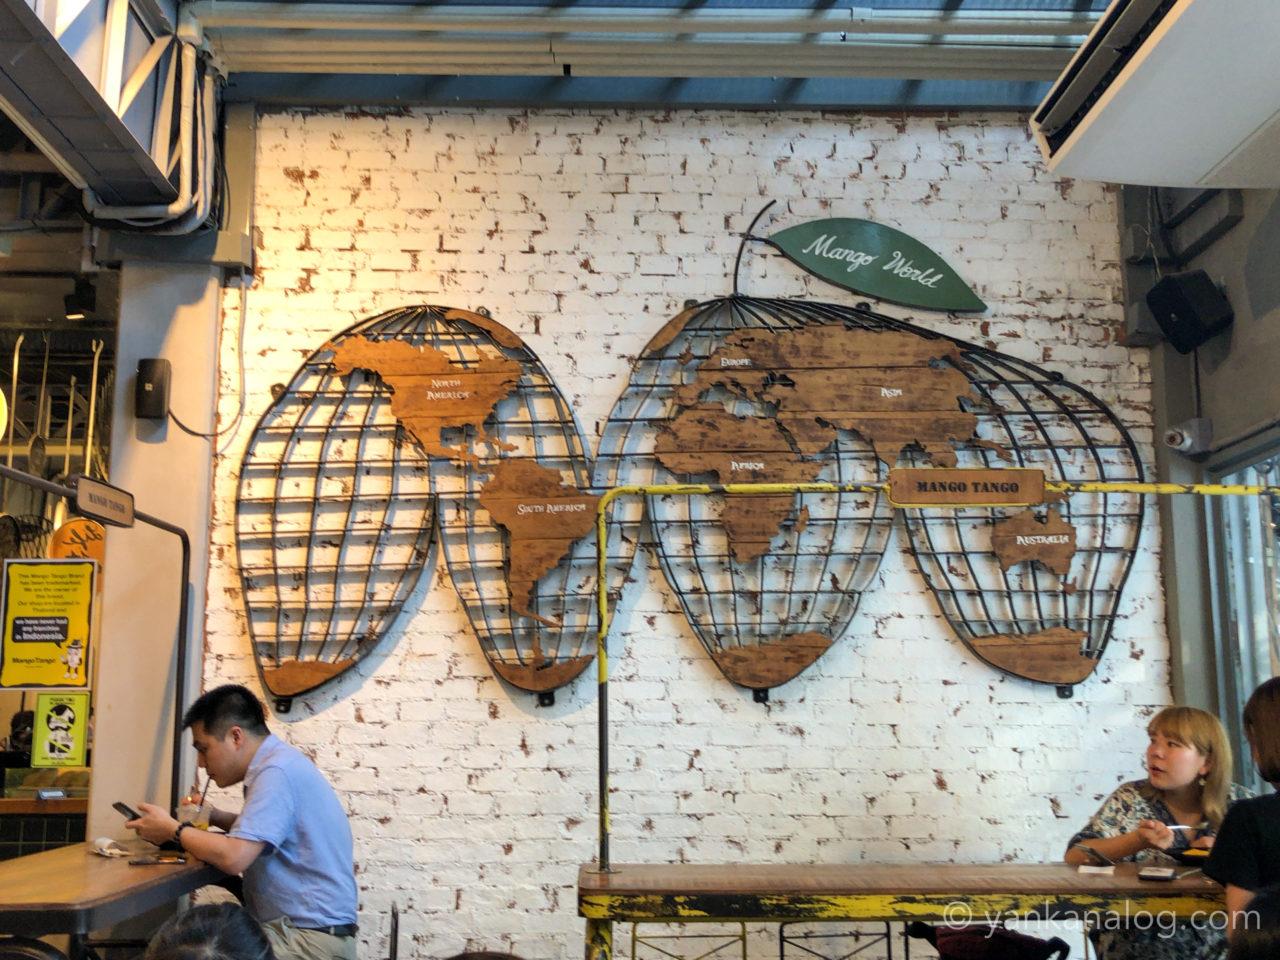 マンゴタンゴの店内2